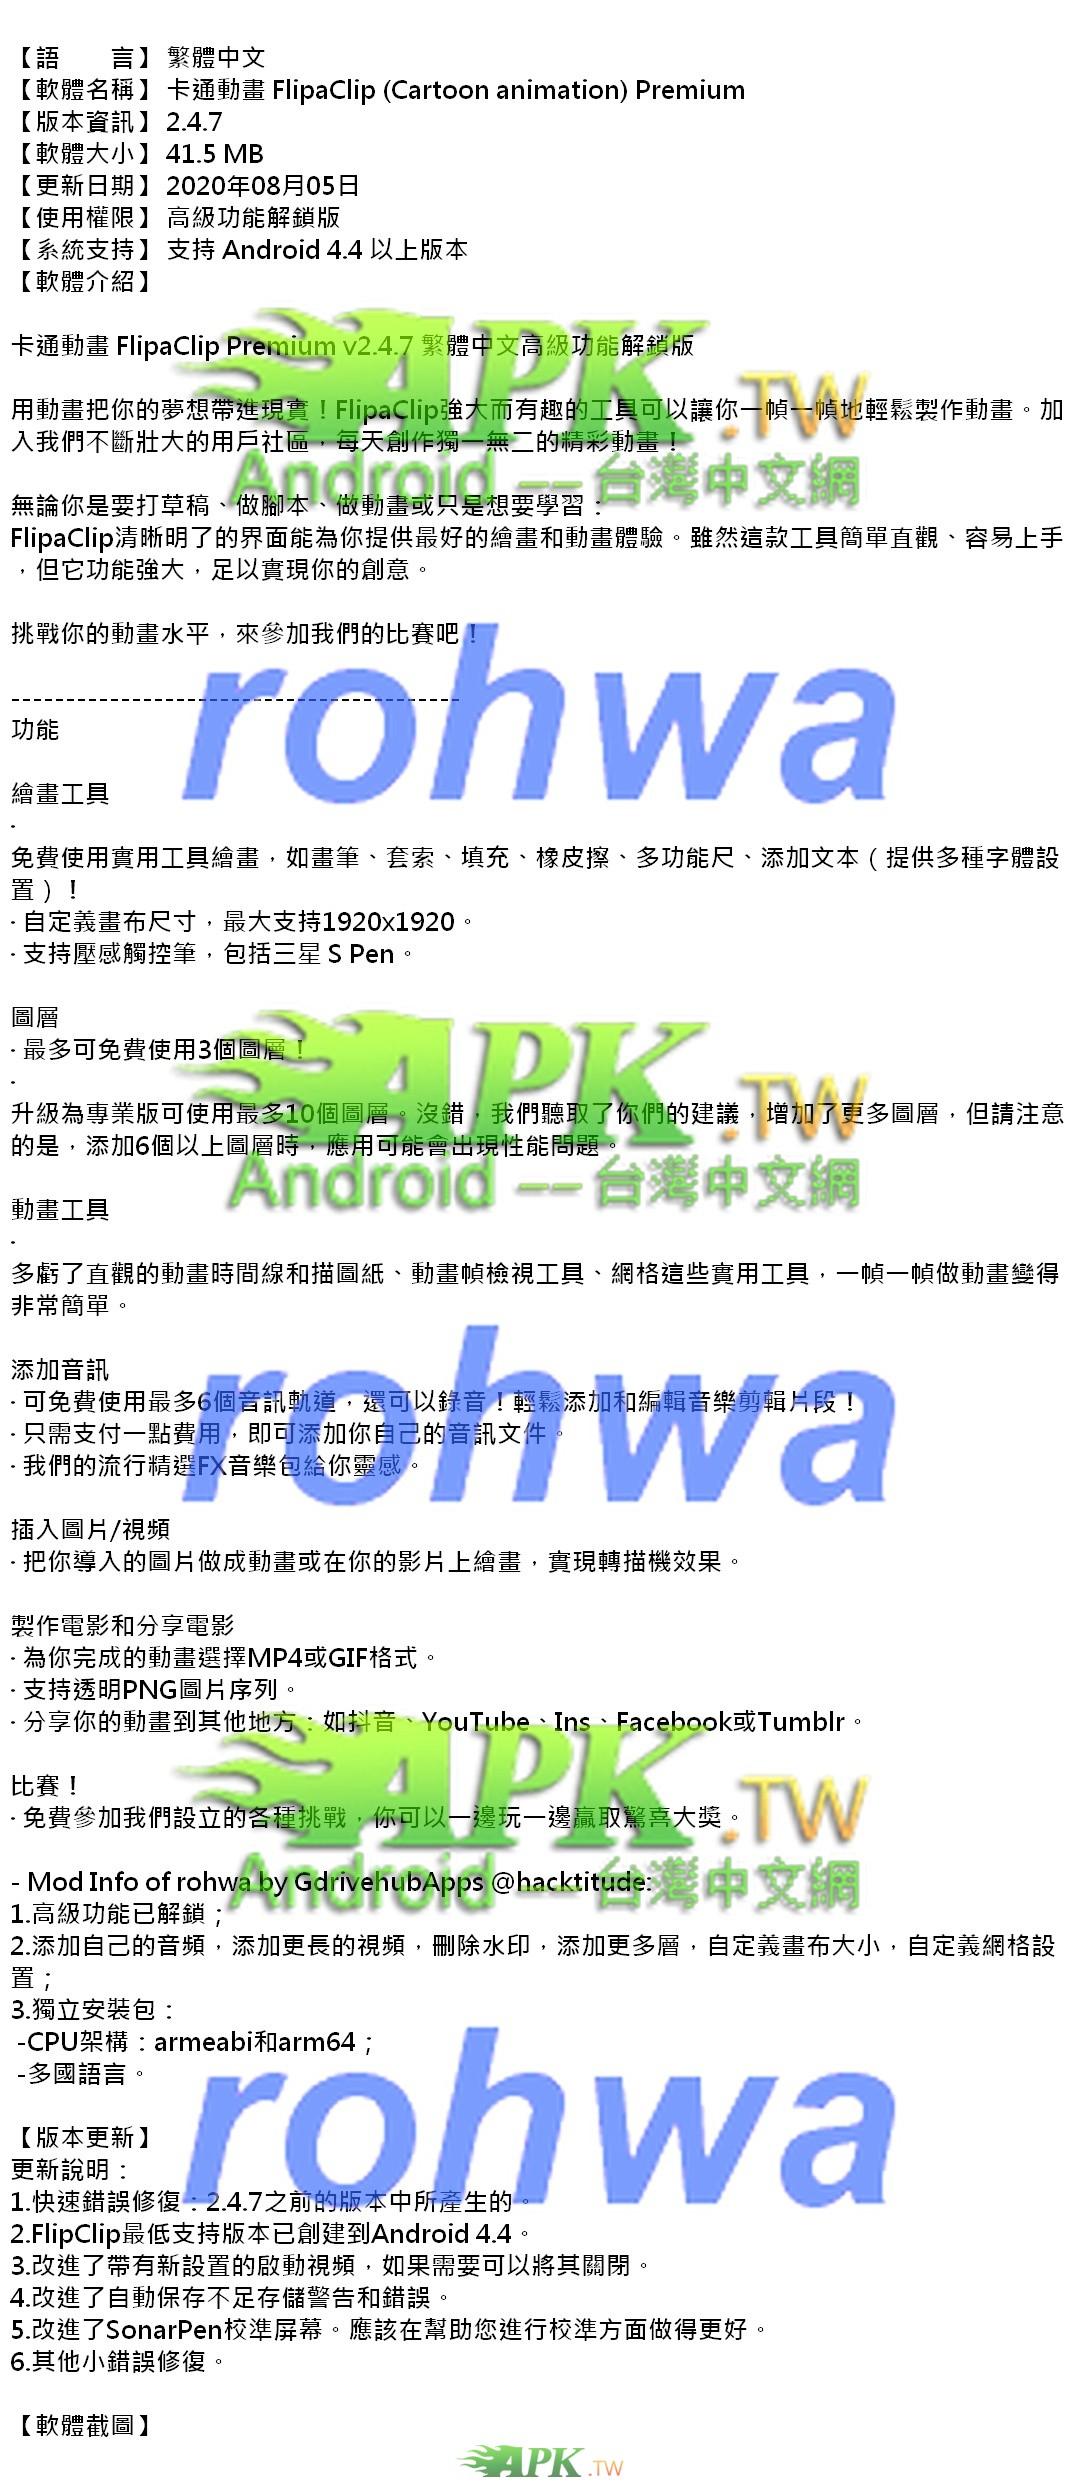 FlipaClip_Premium_2.4.7_.jpg